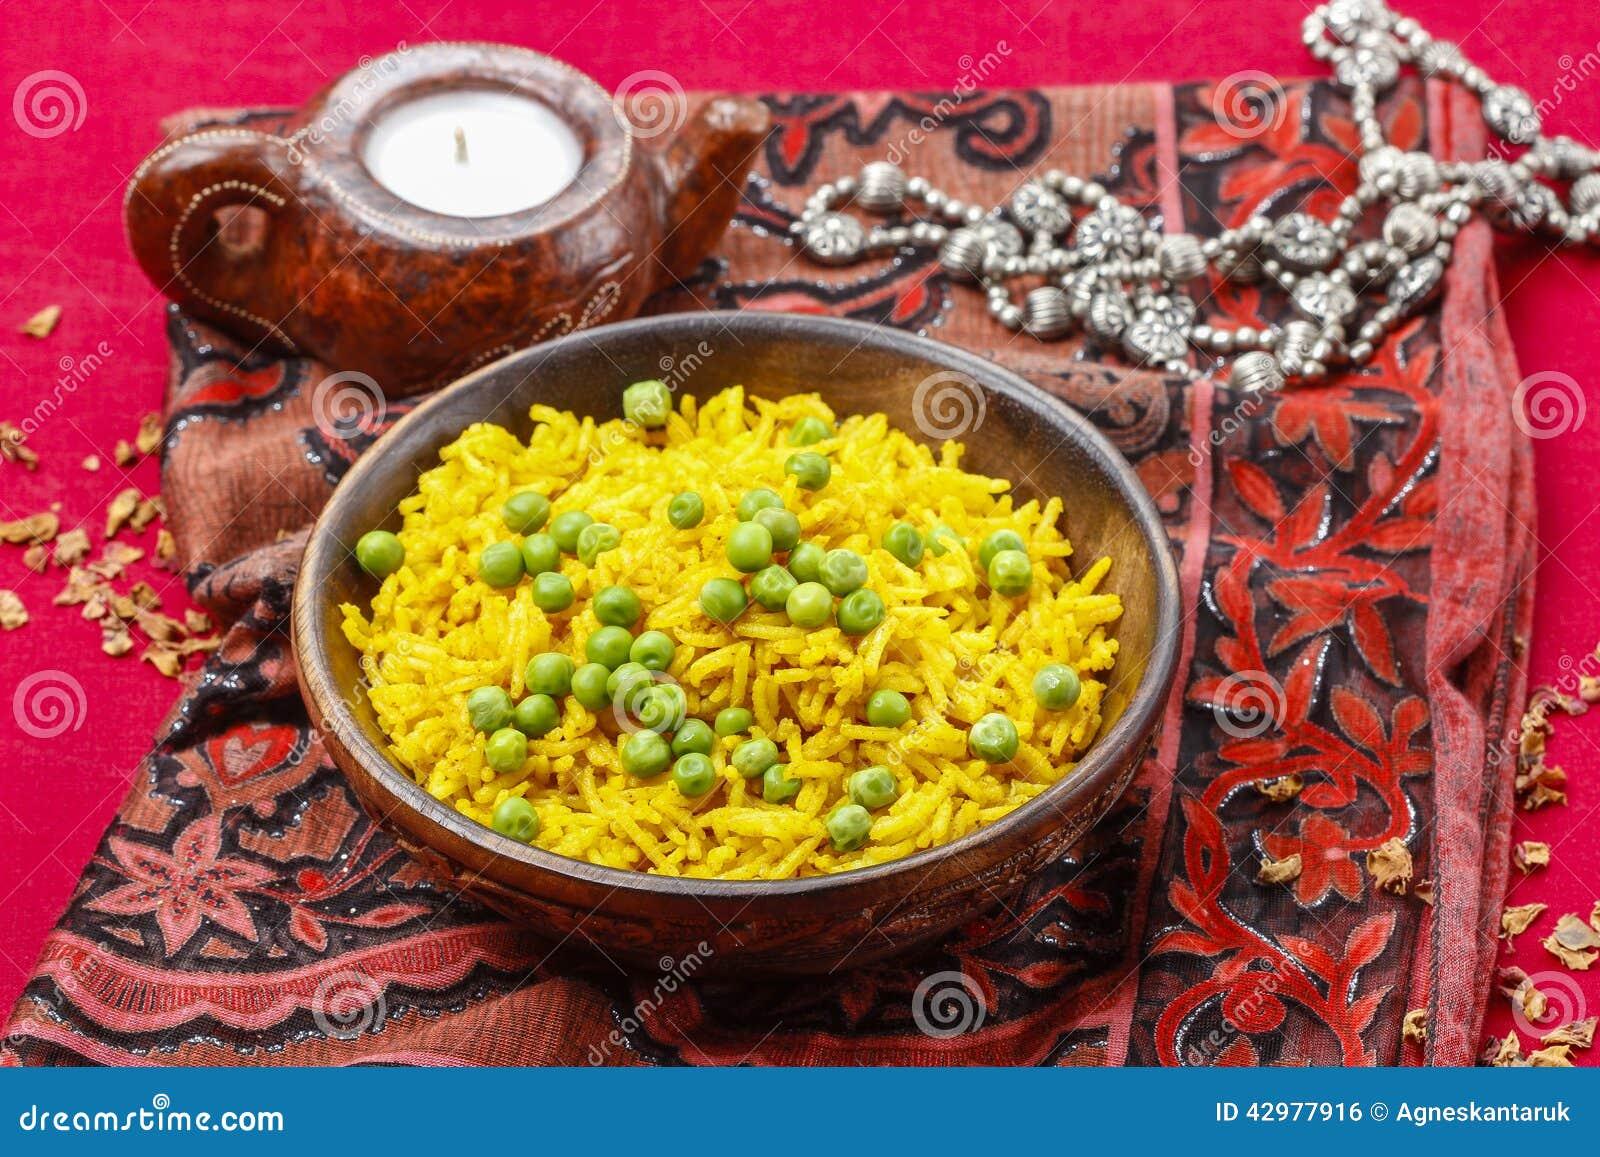 Fantastisch Gelber Reis Färbung Galerie - Malvorlagen Von Tieren ...